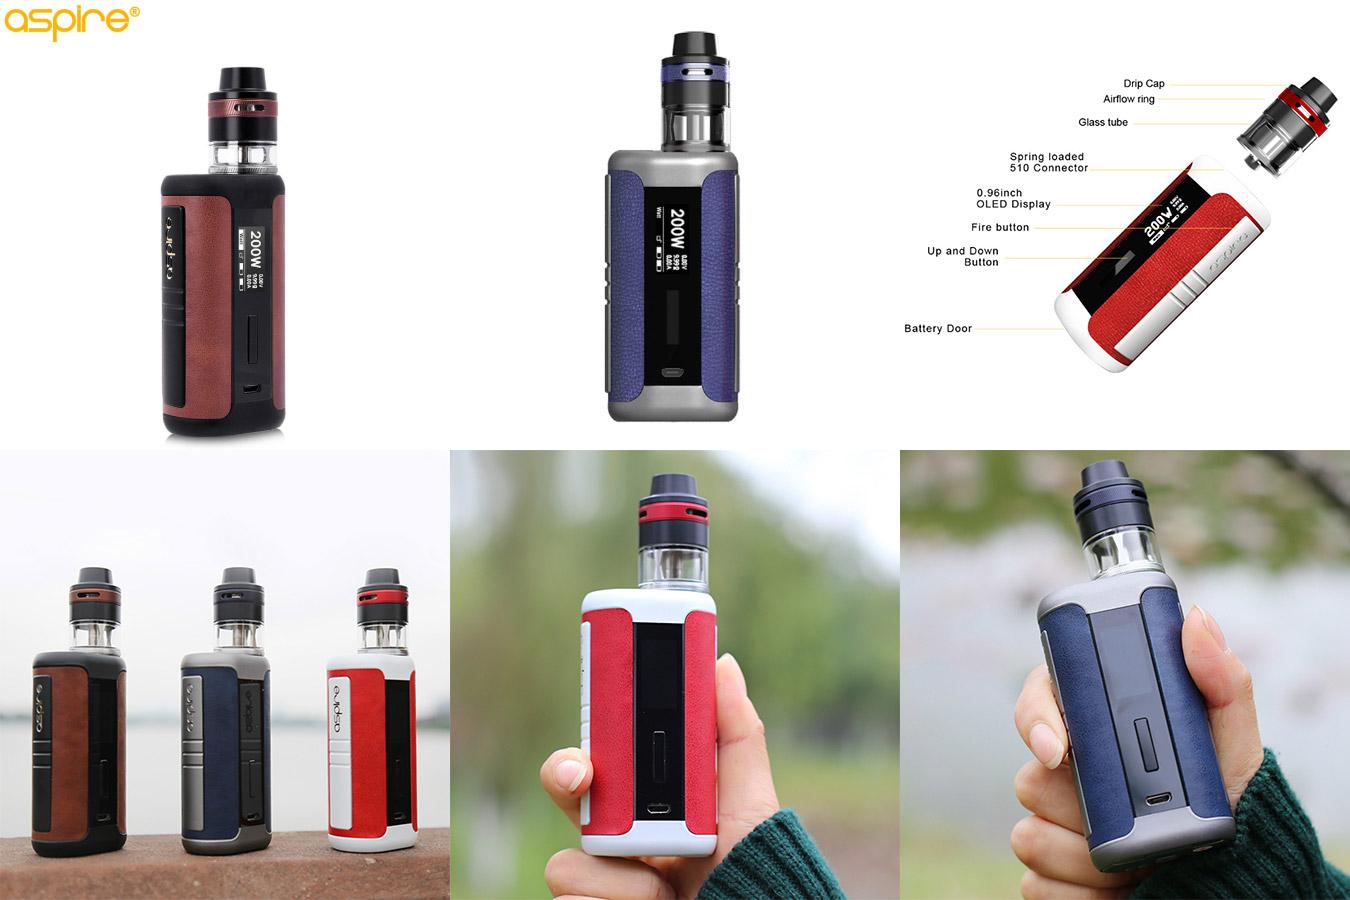 Купить жидкость электронную сигарету алиэкспресс цой сигареты пачка слушать онлайн бесплатно